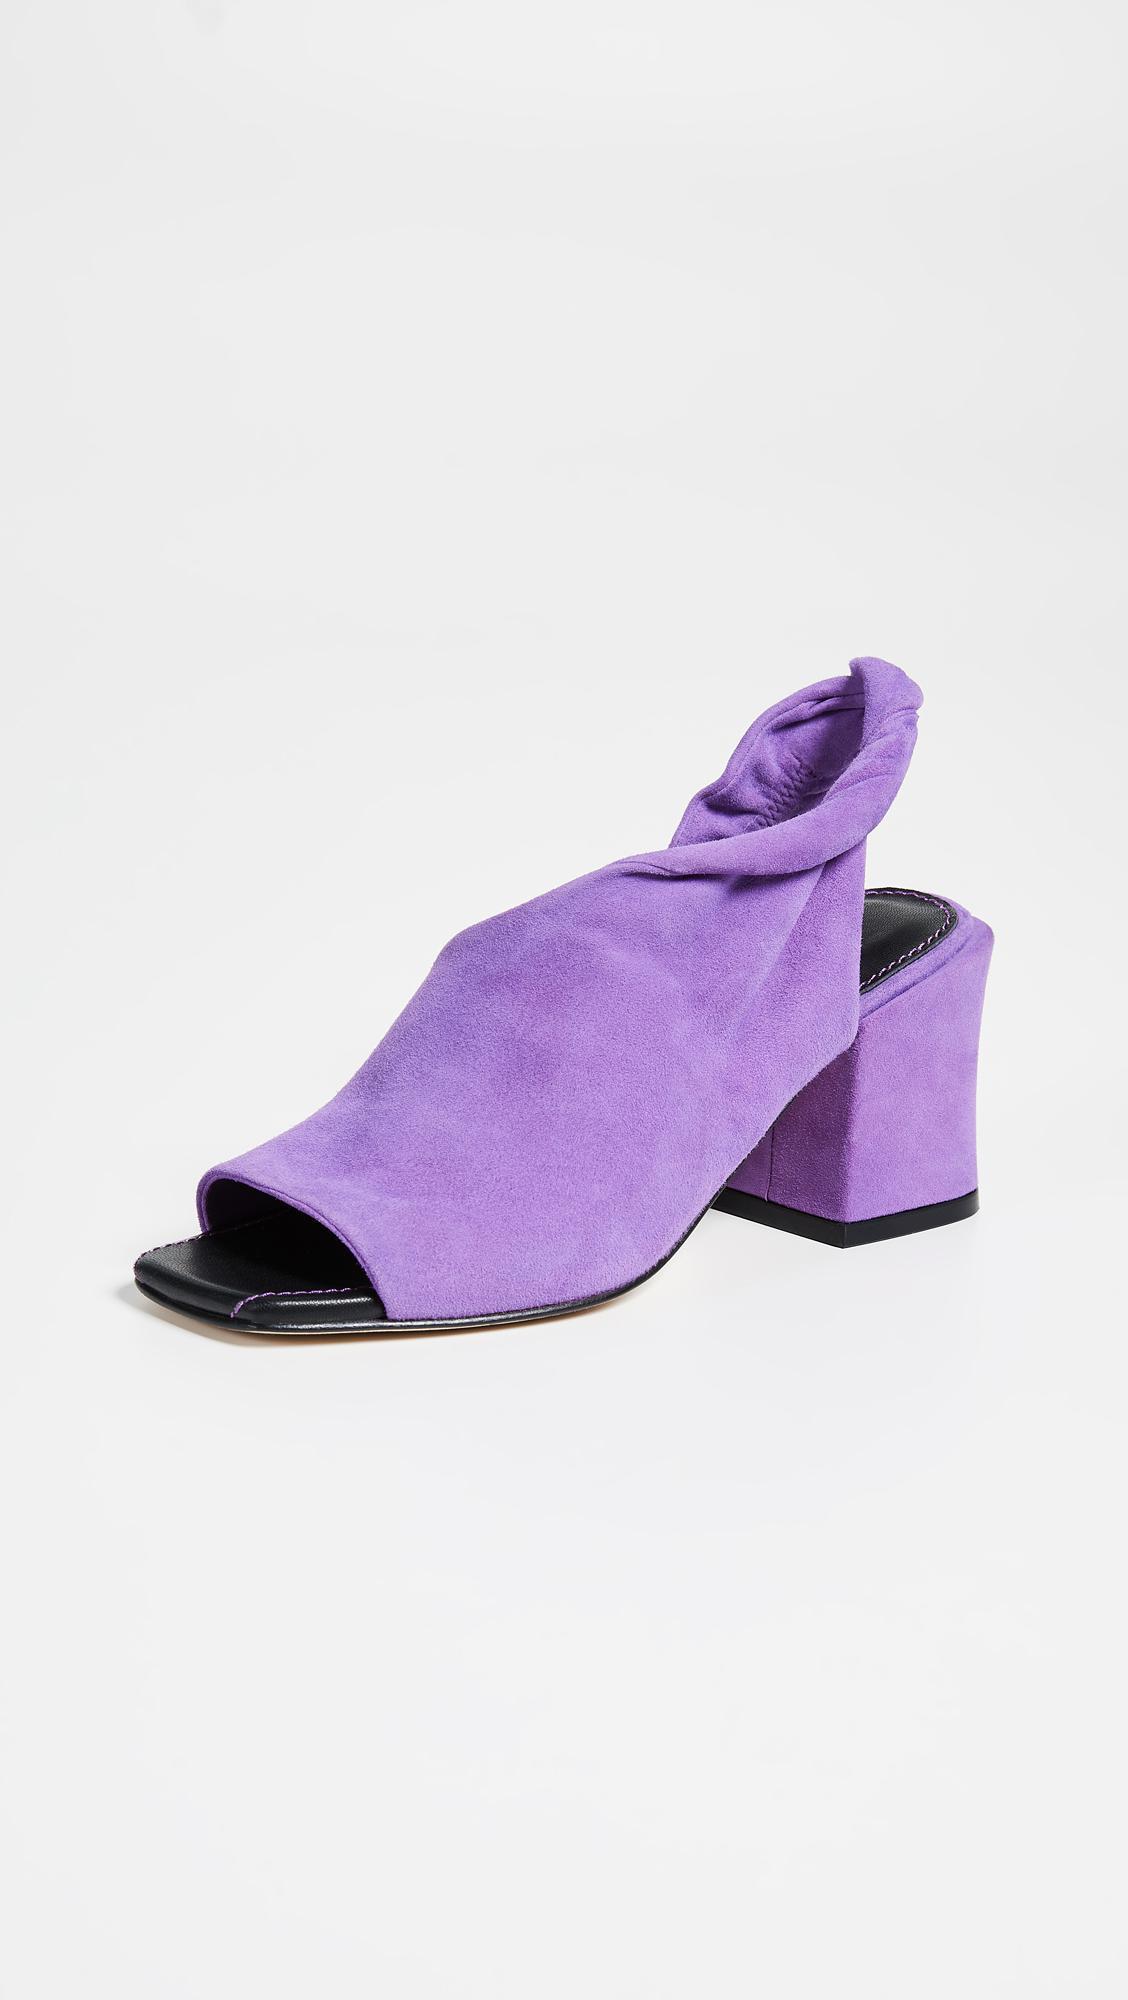 9d36634dfc09 Sigerson Morrison Lenny Block Heel Pumps in Purple - Save 60% - Lyst